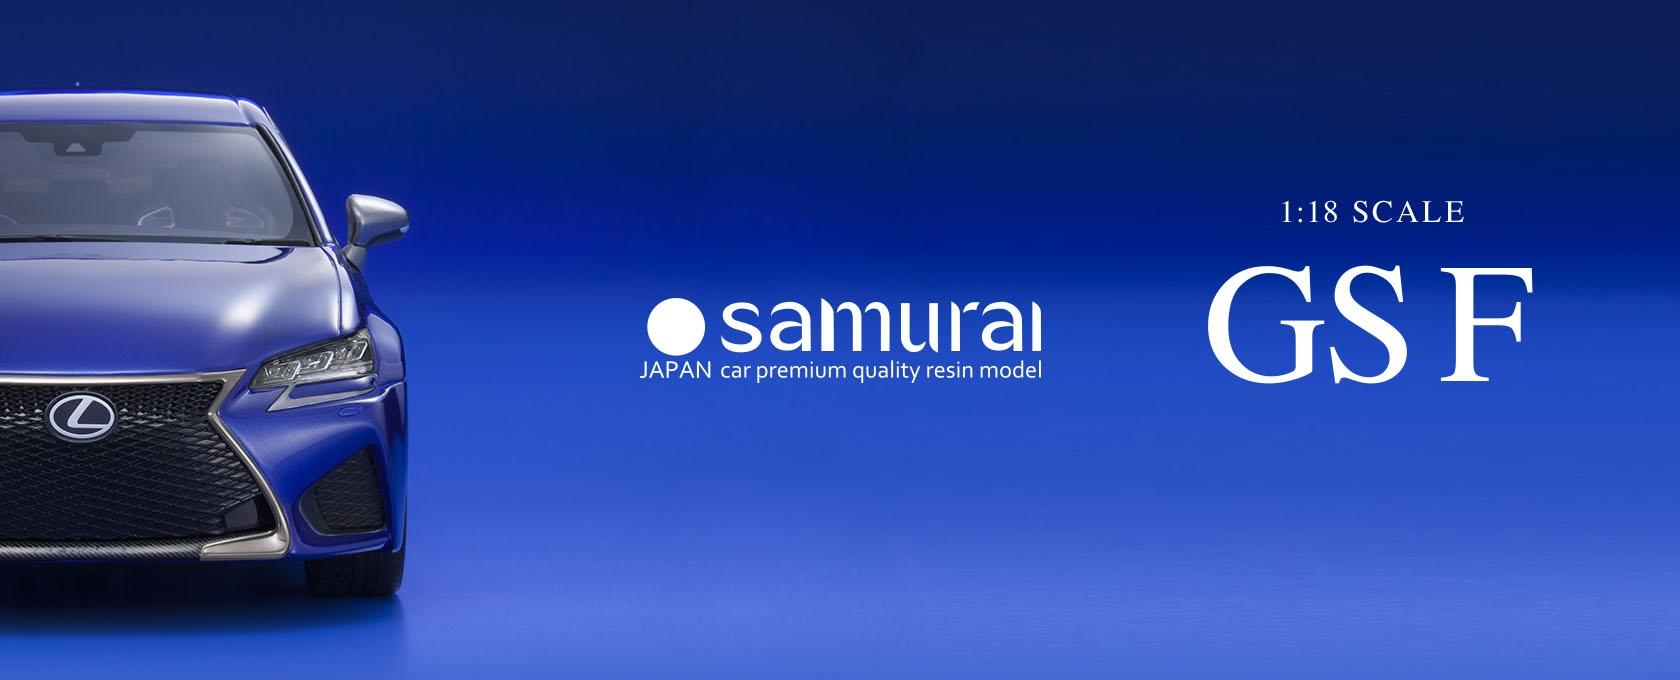 samurai-gs-f